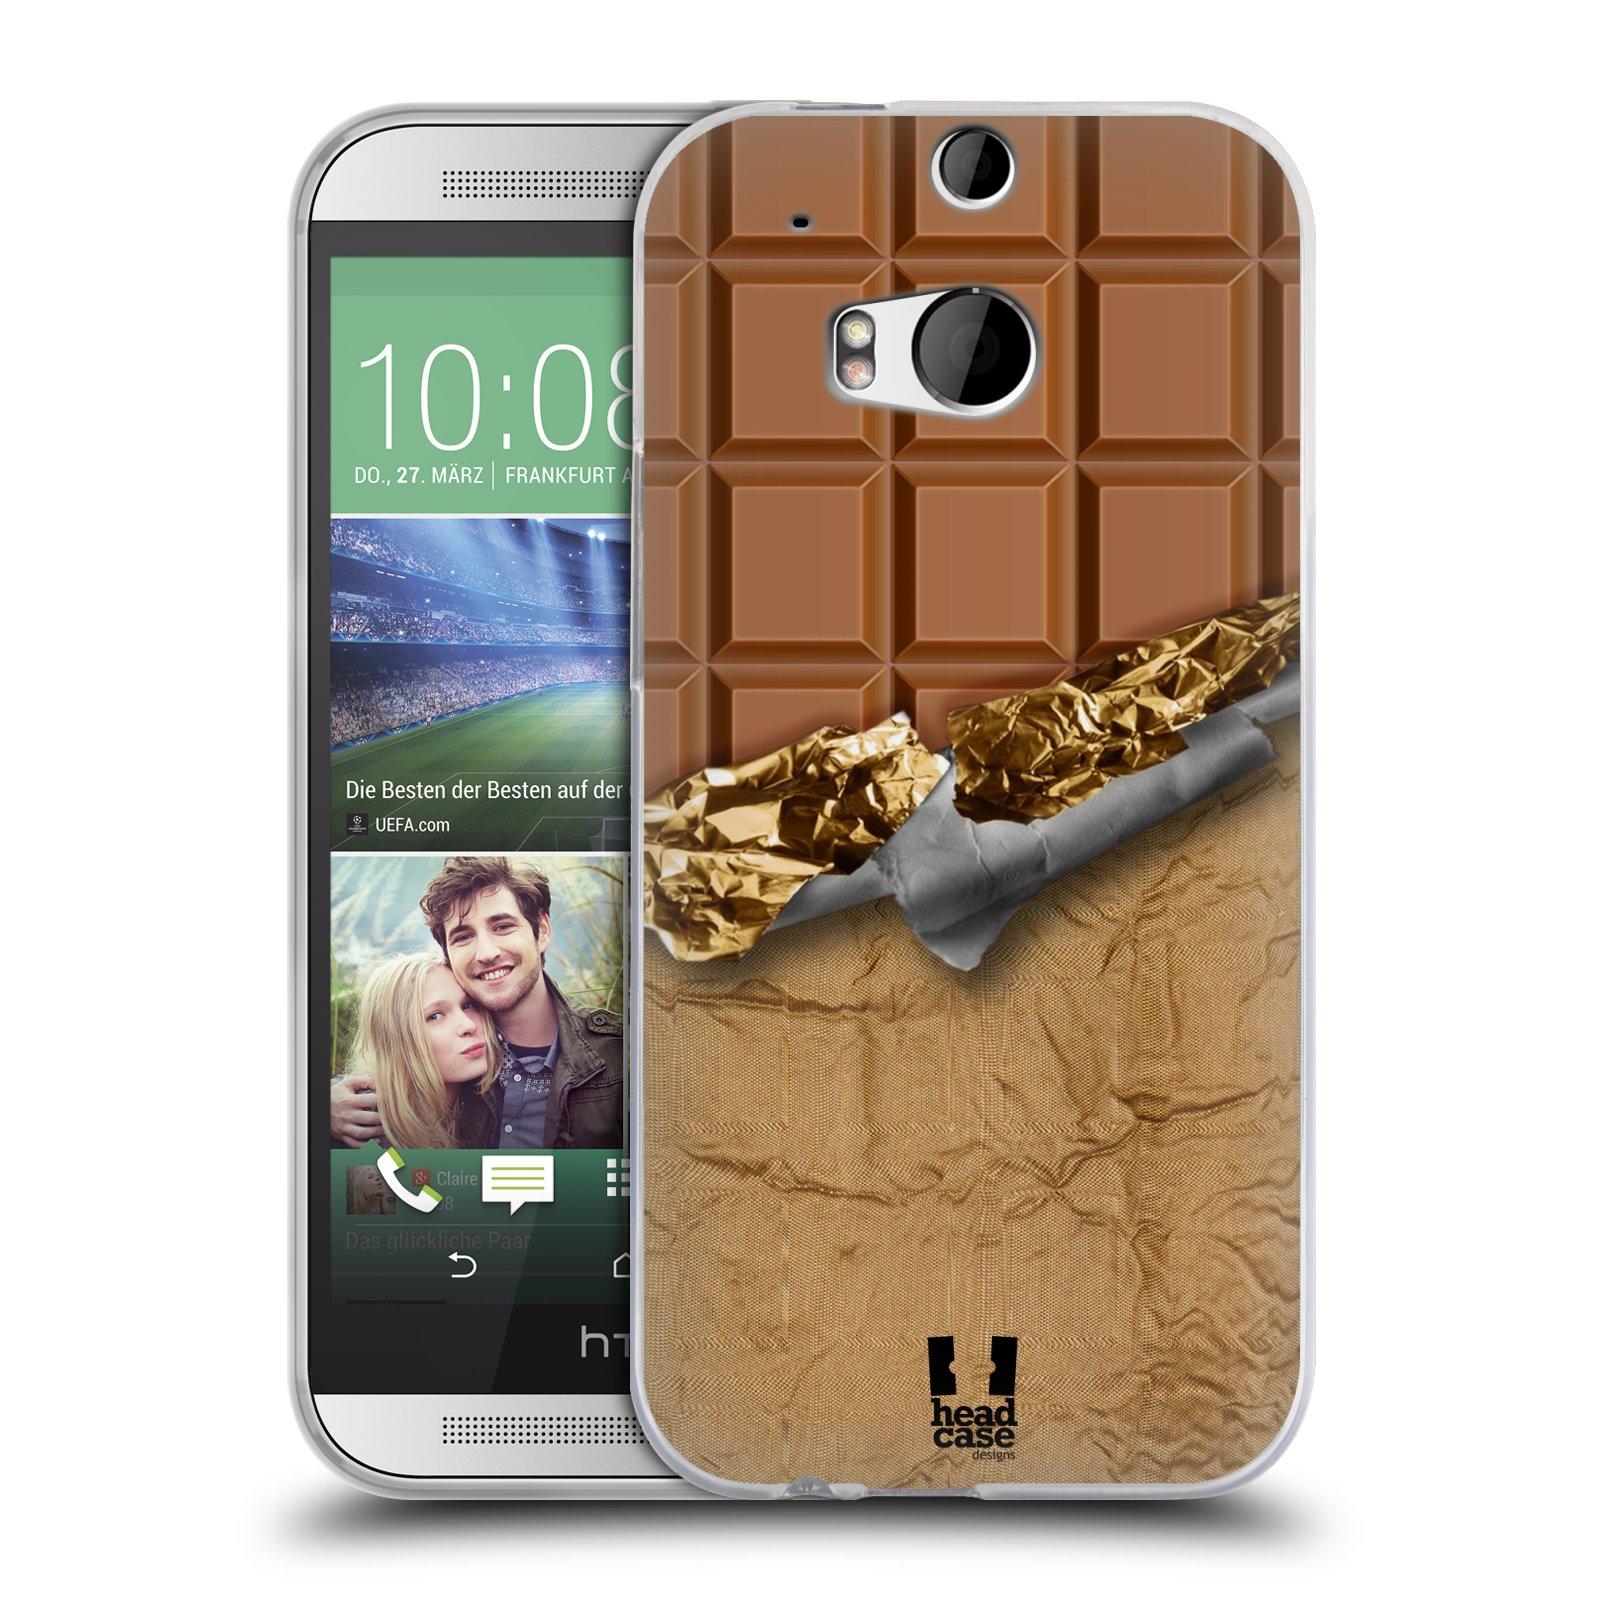 Silikonové pouzdro na mobil HTC ONE M8 HEAD CASE ČOKOFOILED (Silikonový kryt či obal na mobilní telefon HTC ONE M8)